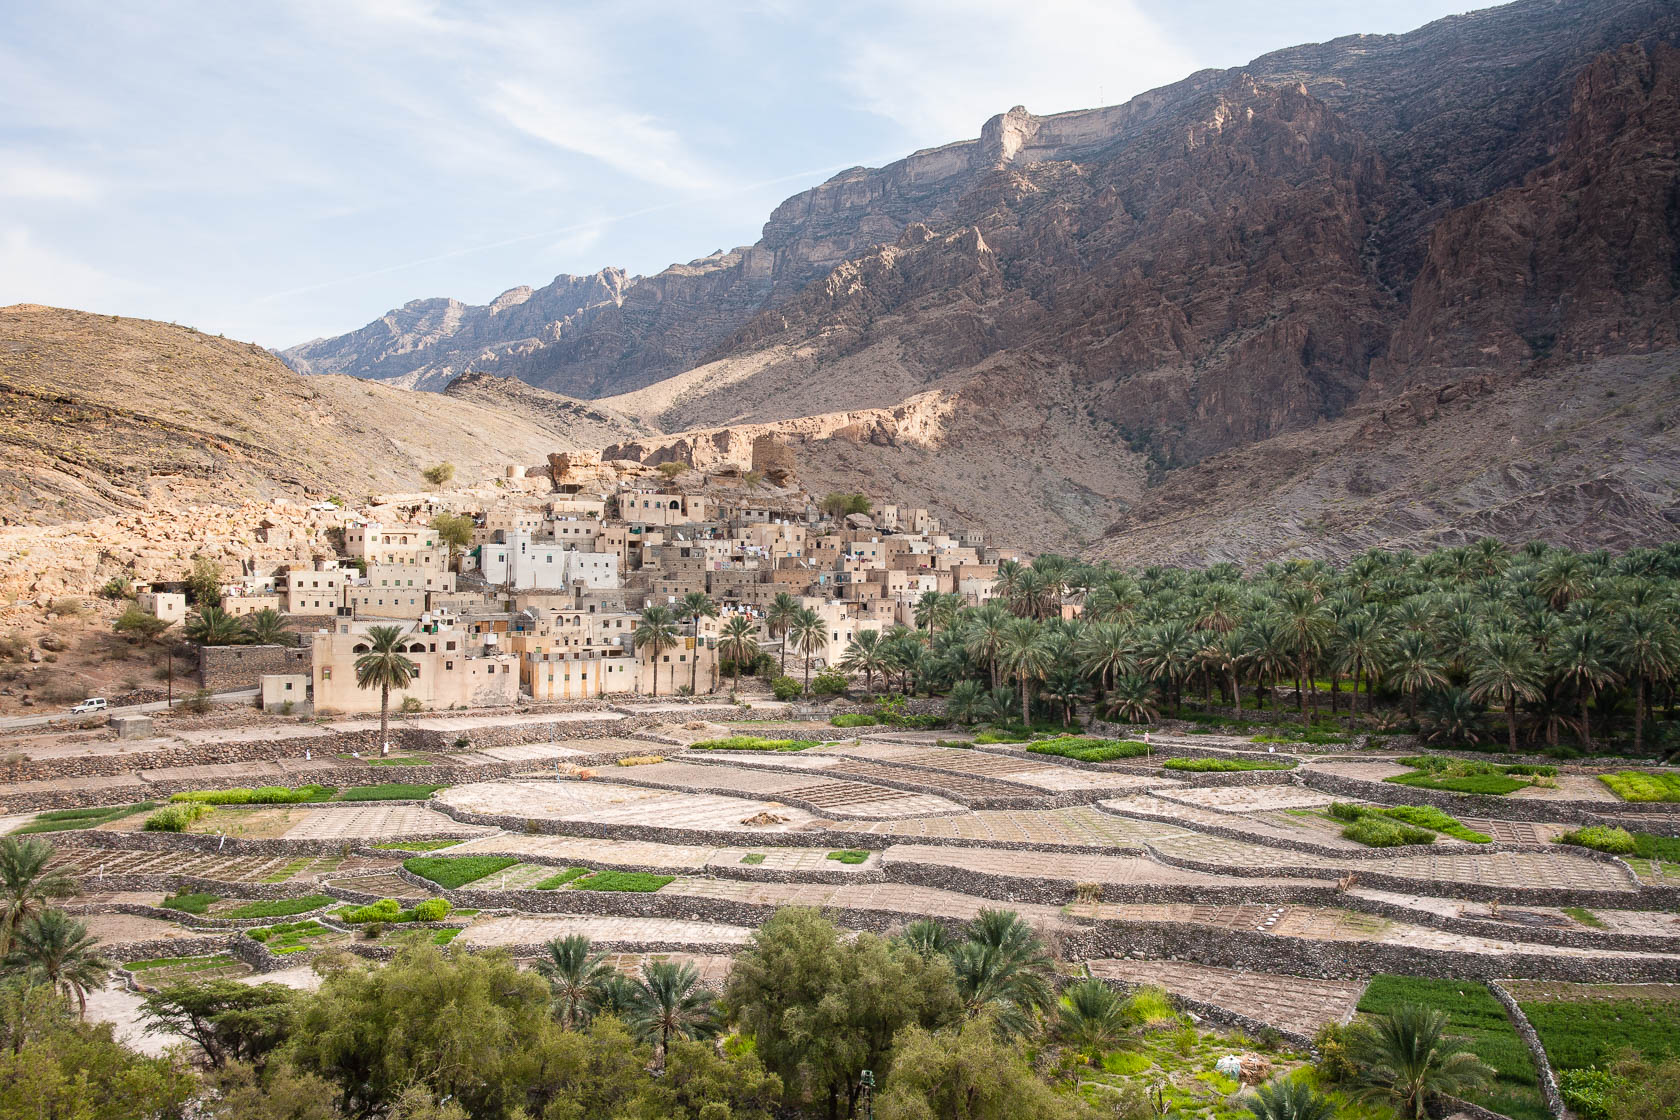 village de Bilat Sayt, dans l'Hajjar occidental, à Oman